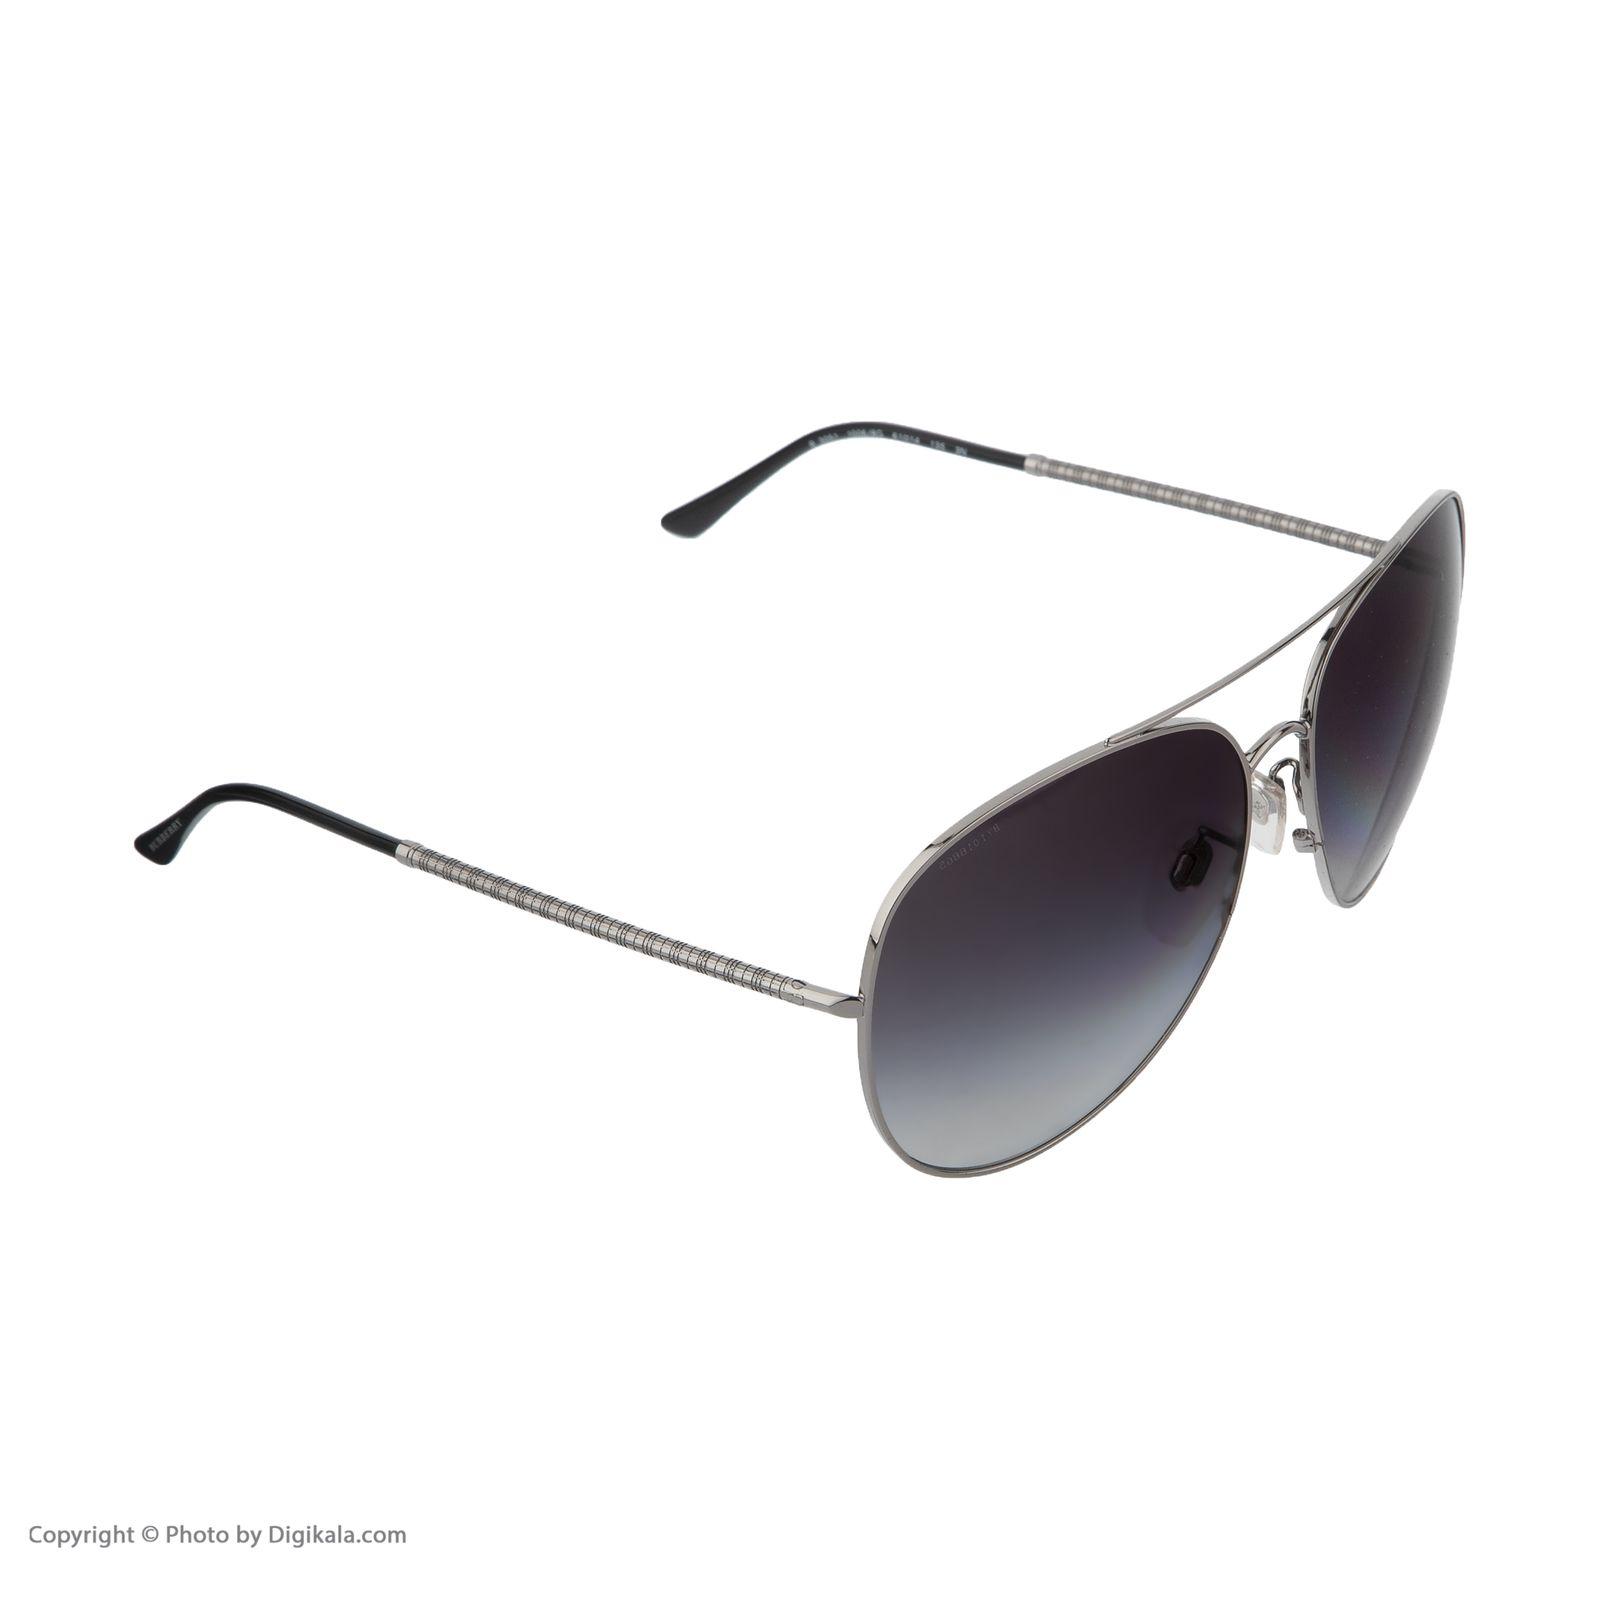 عینک آفتابی زنانه بربری مدل BE 3051S 10068G 61 -  - 4